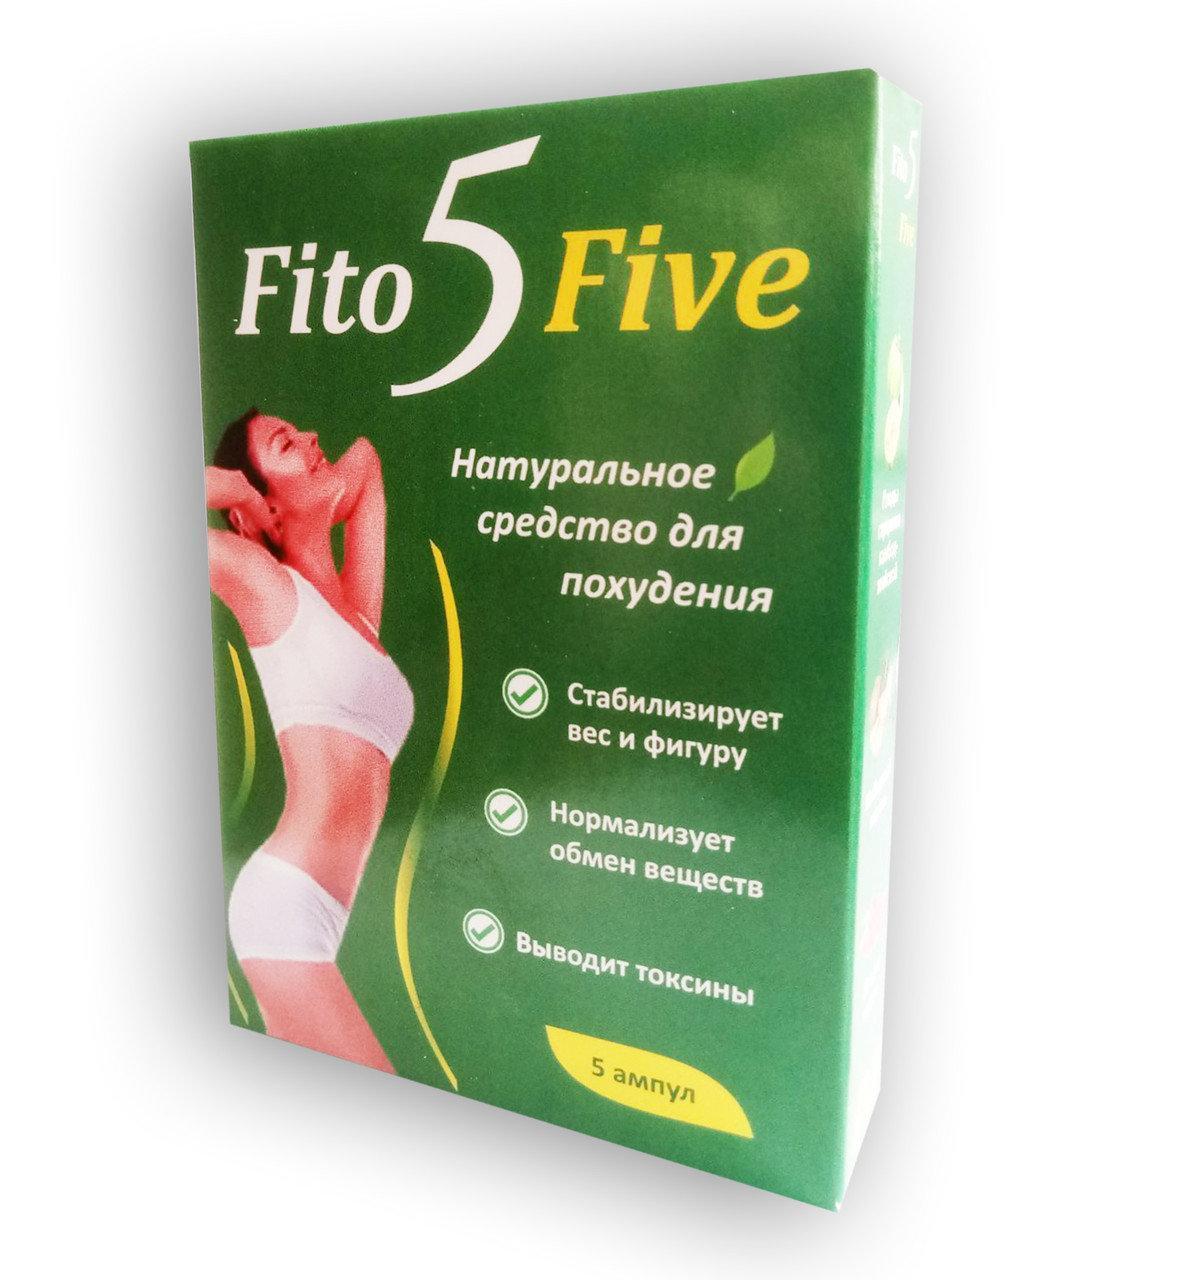 FitoFive - Натуральное средство для похудения (ФитоФайв) ViP